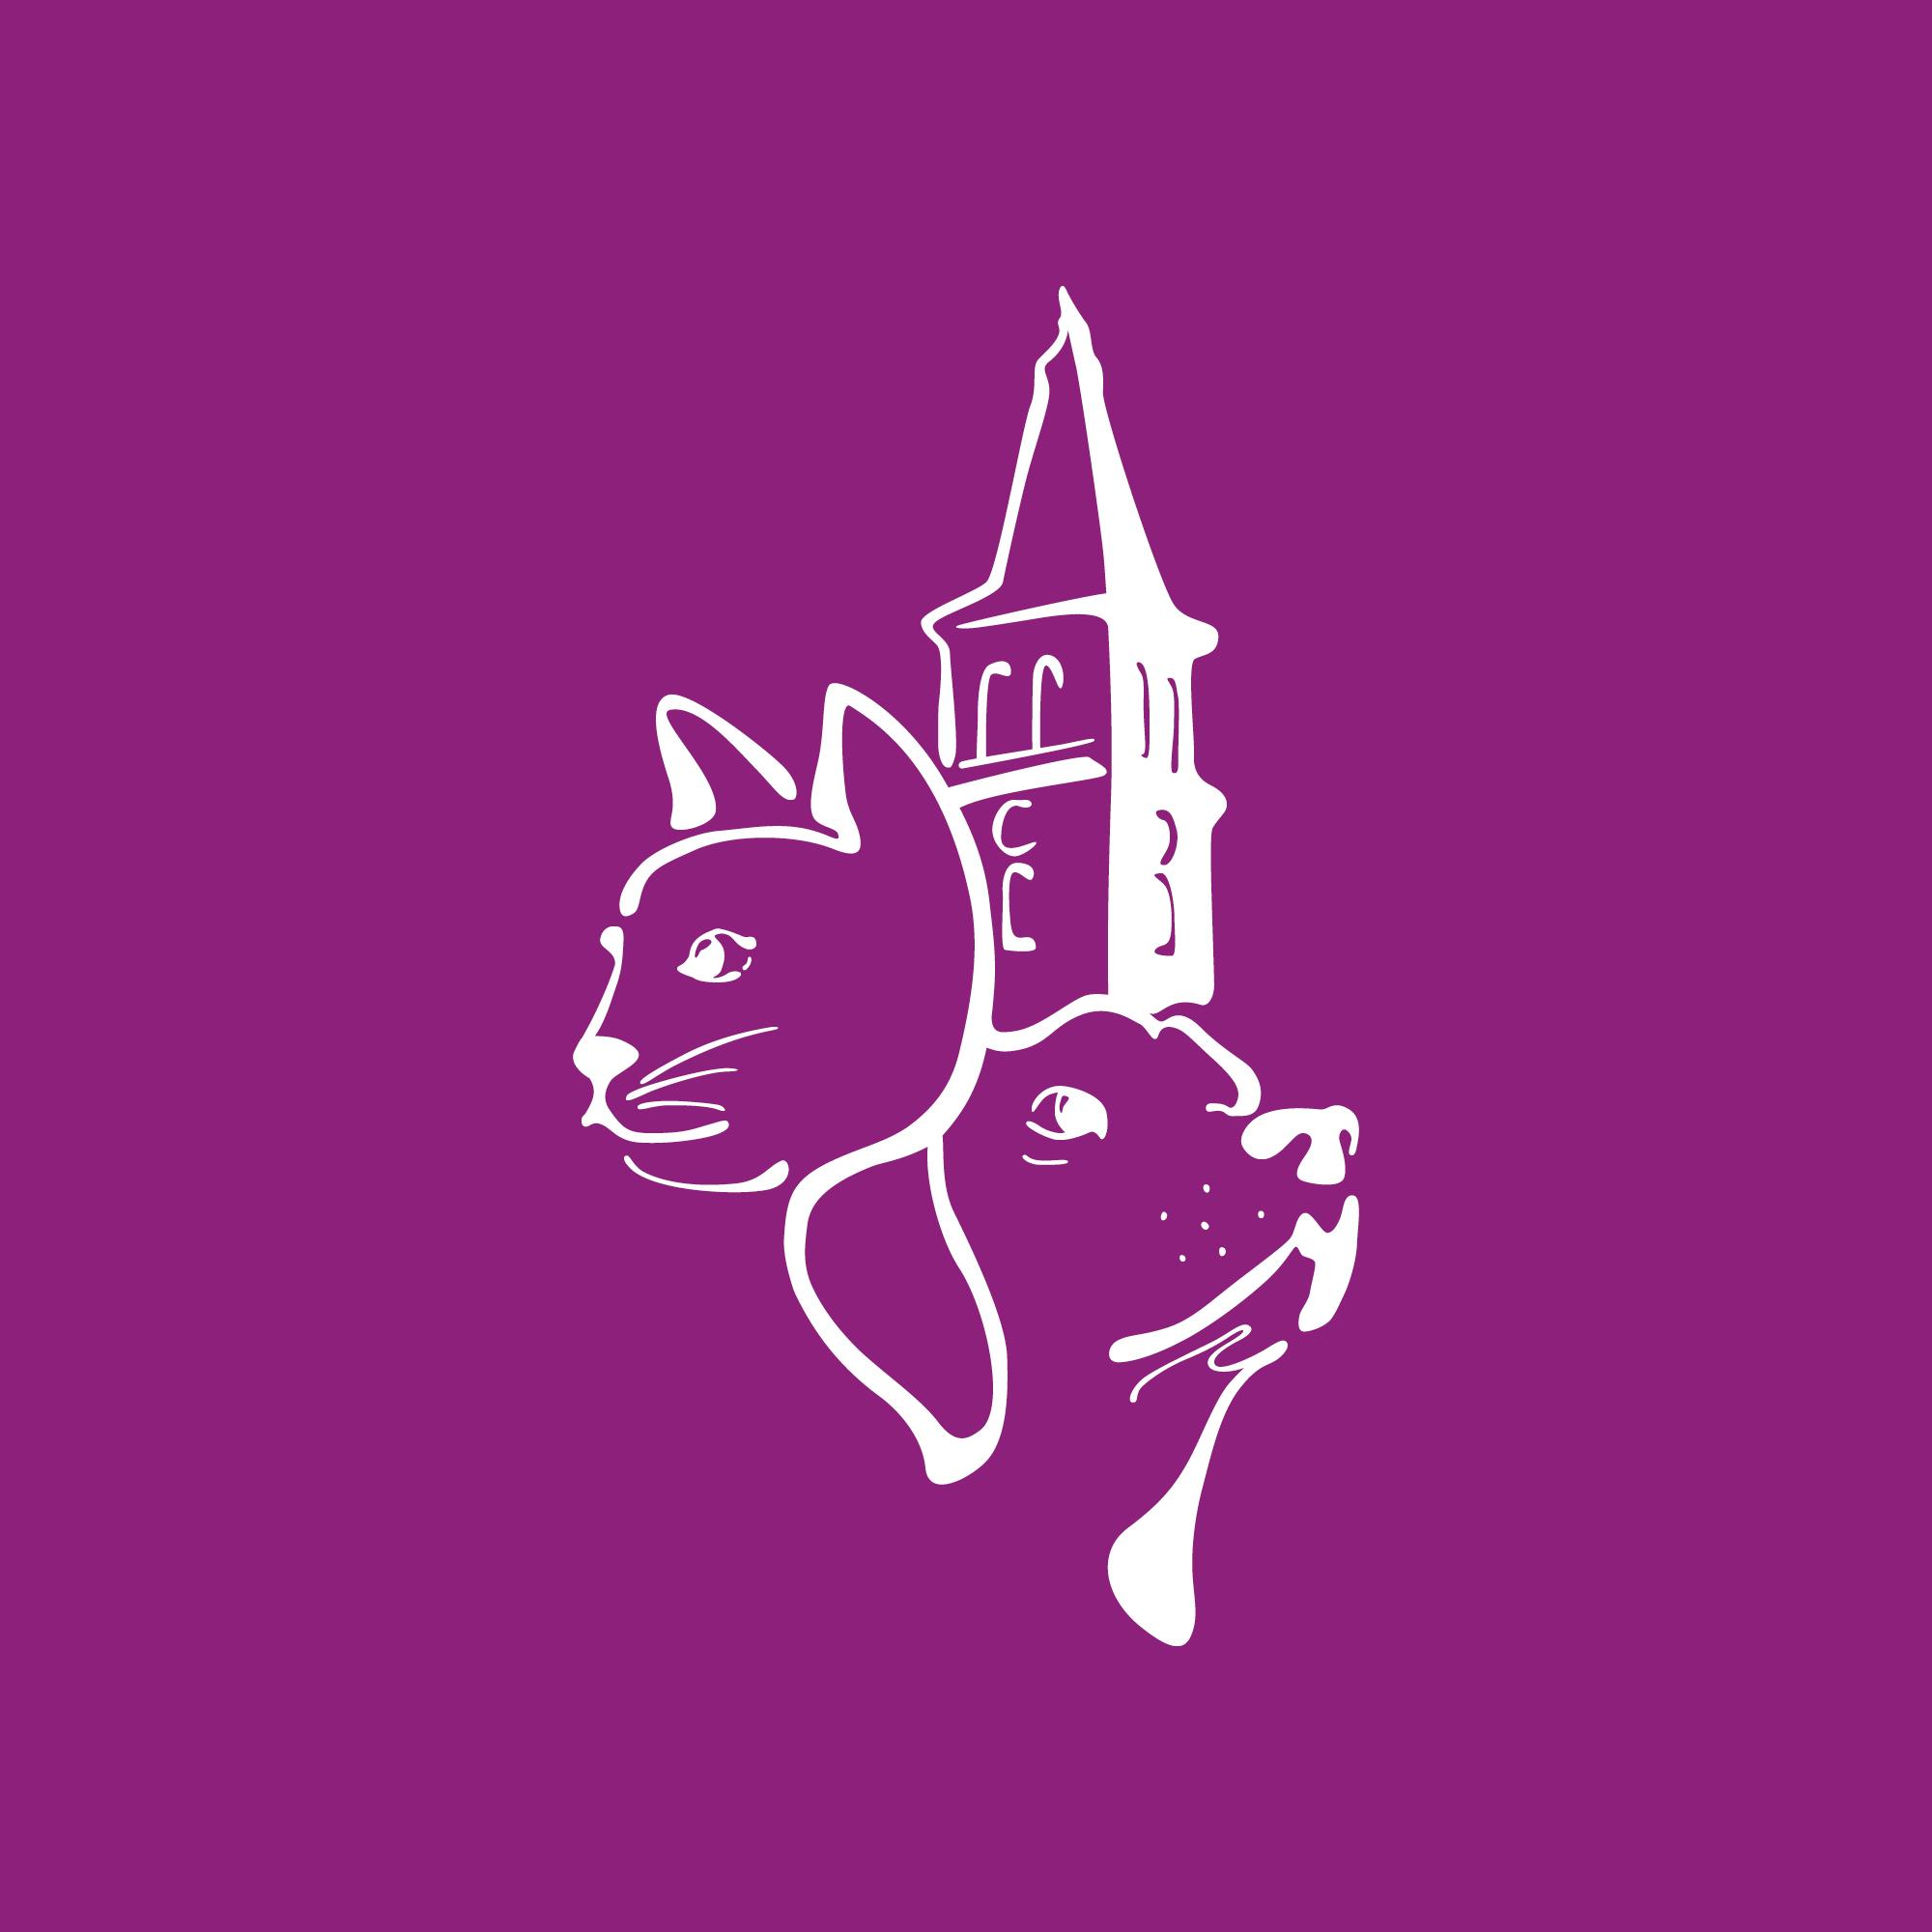 Thumbnail mit dem von zumEgon gestalteten Logo der Tierarztpraxis Judenburg